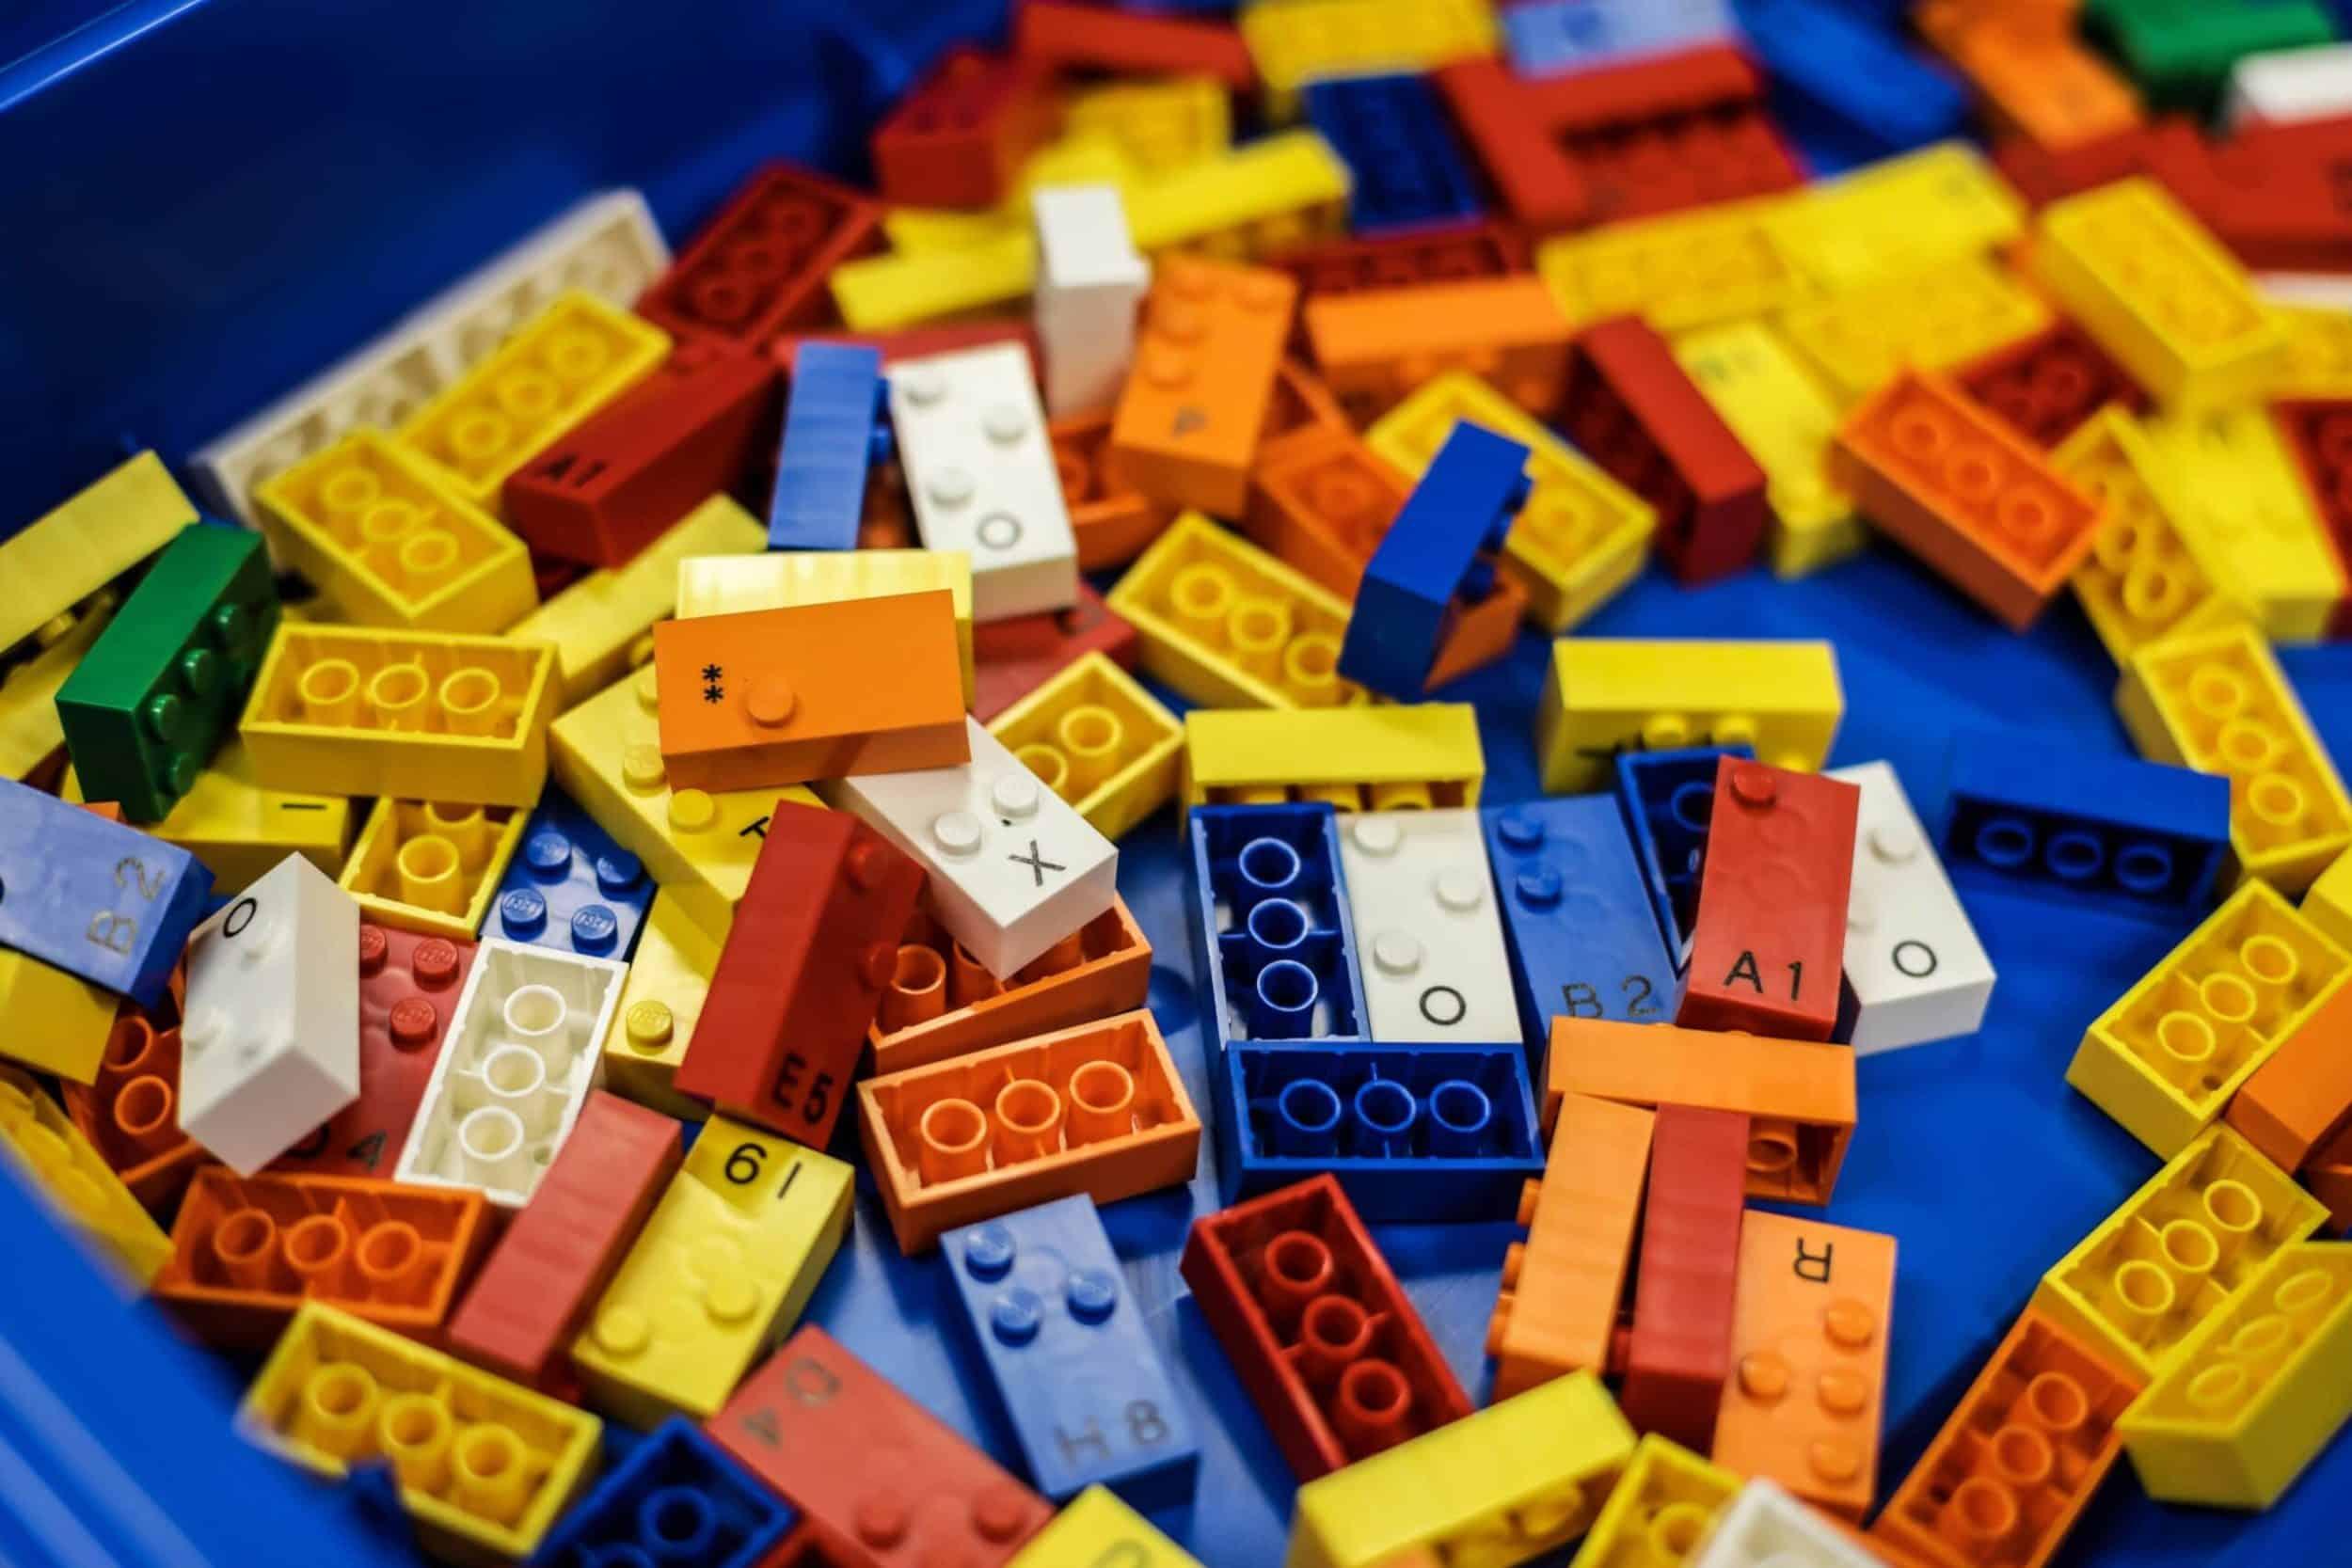 LEGO-stenen met braille